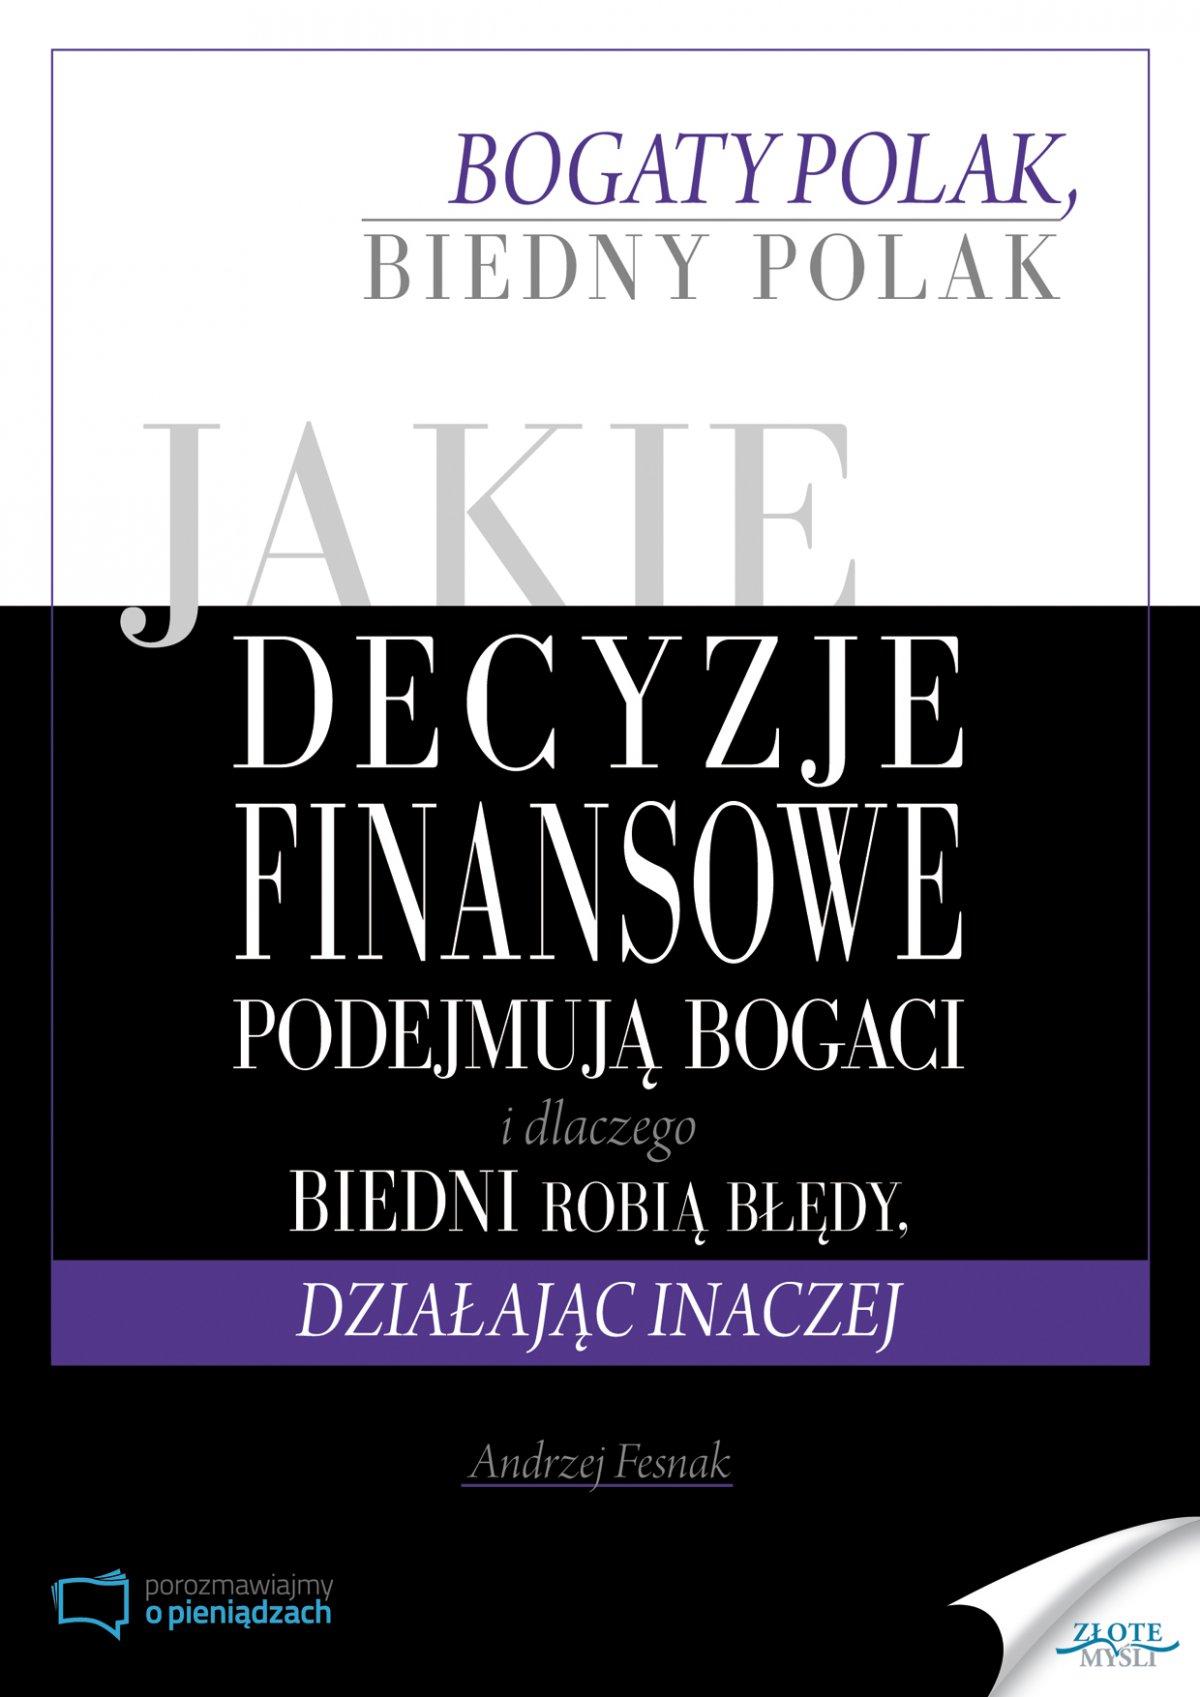 Jakie decyzje finansowe podejmują bogaci i dlaczego biedni robią błędy, działając inaczej - Ebook (Książka PDF) do pobrania w formacie PDF